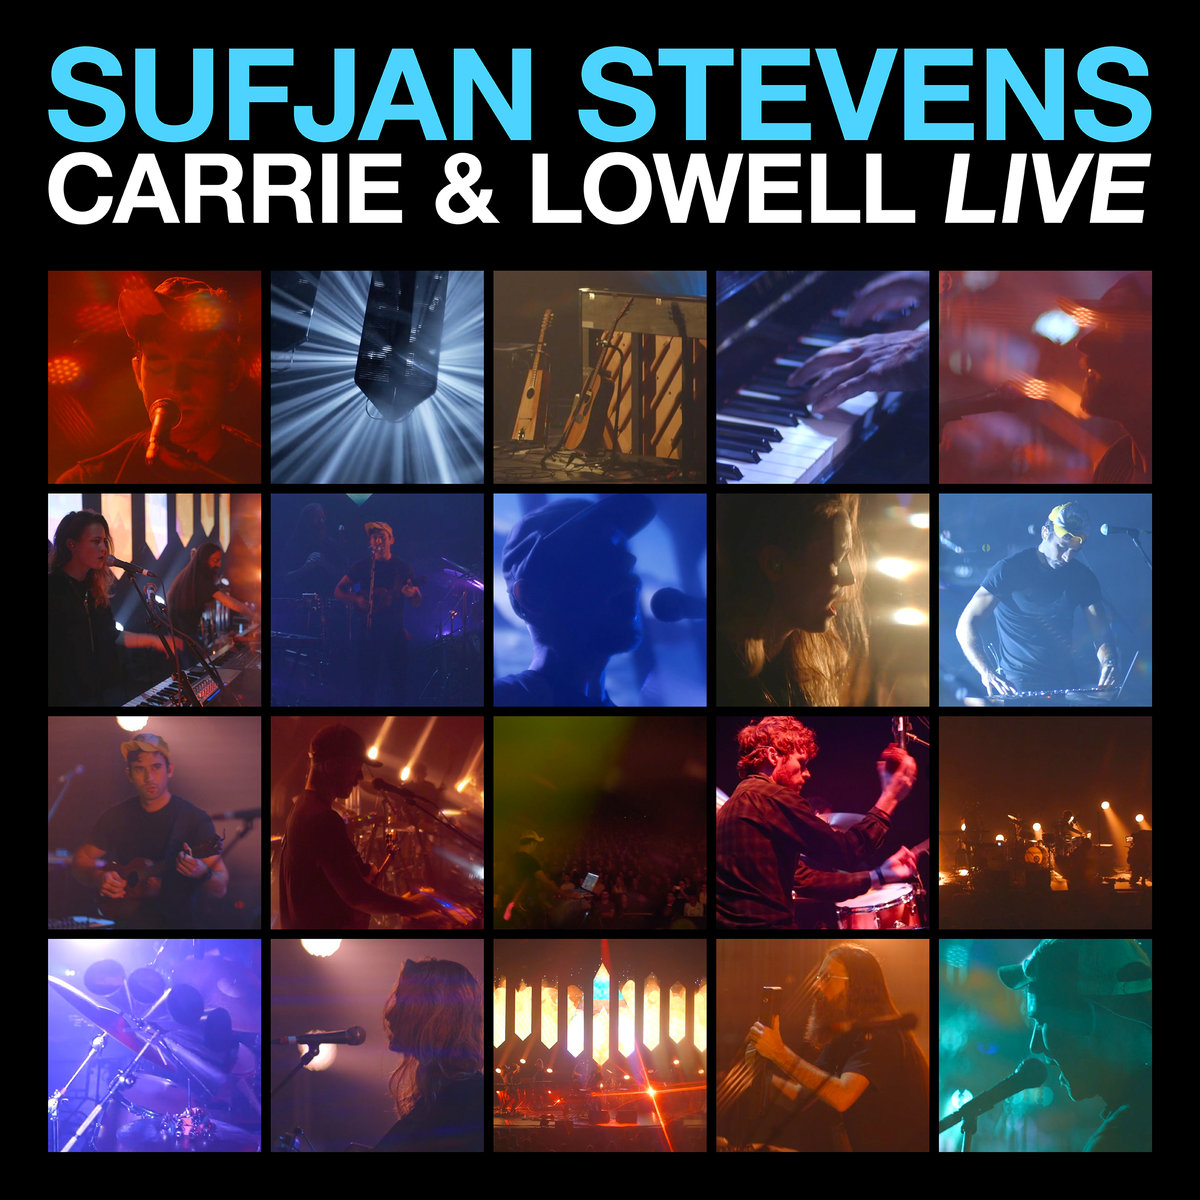 STEVENS, Sufjan - Carrie & Lowell Live